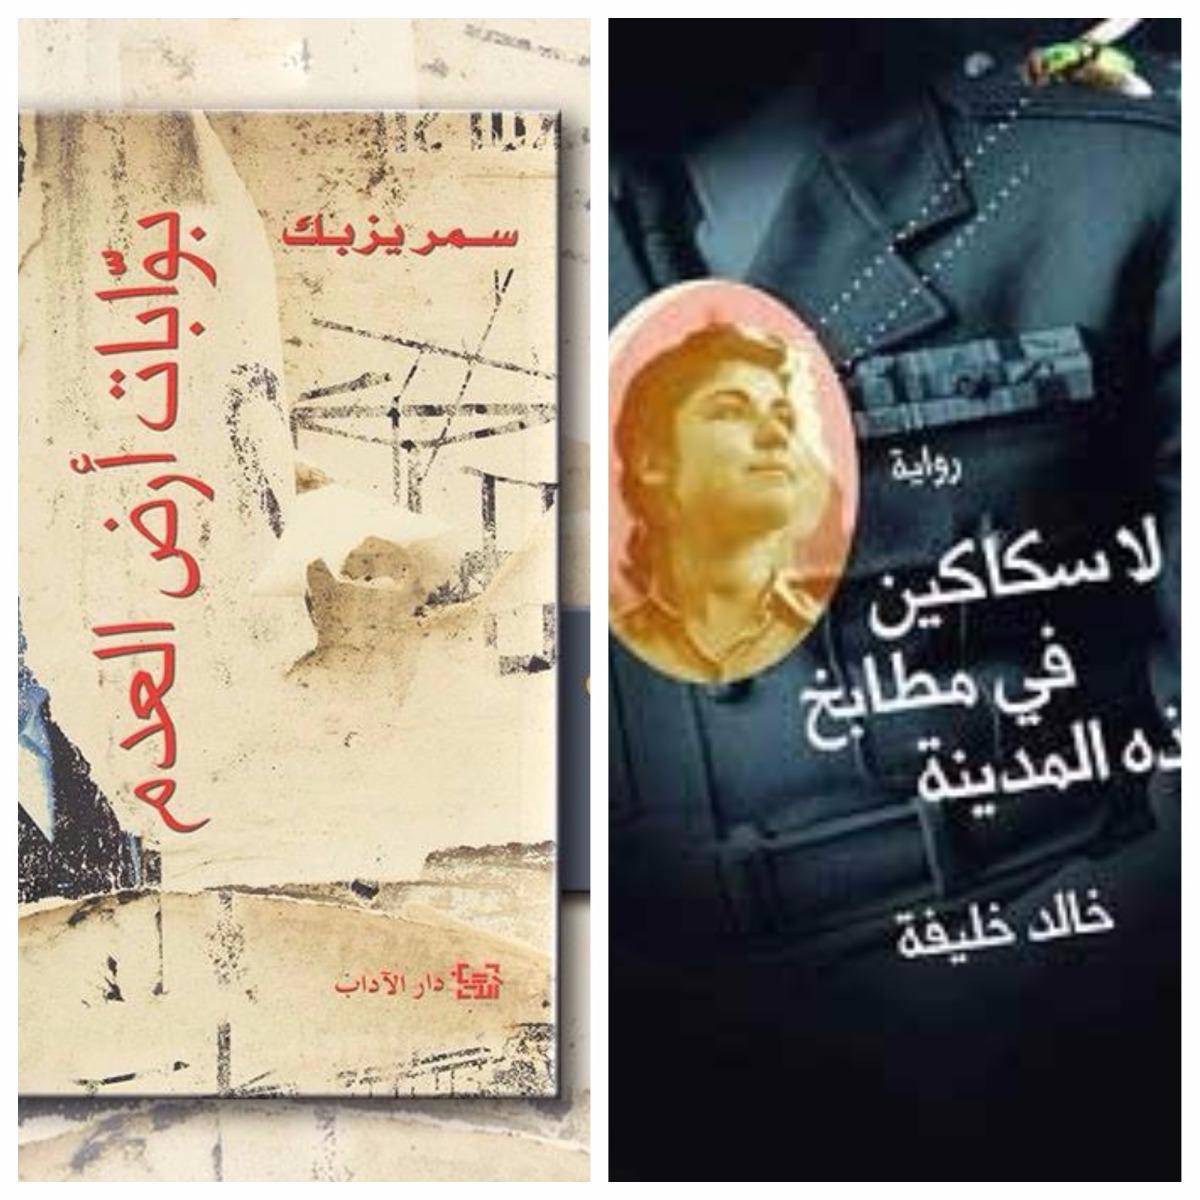 """In arrivo in libreria: """"Passaggi in Siria"""" di Samar Yazbek e """"Non ci sono coltelli nelle cucine di questa città"""" di Khaled Khalifa"""